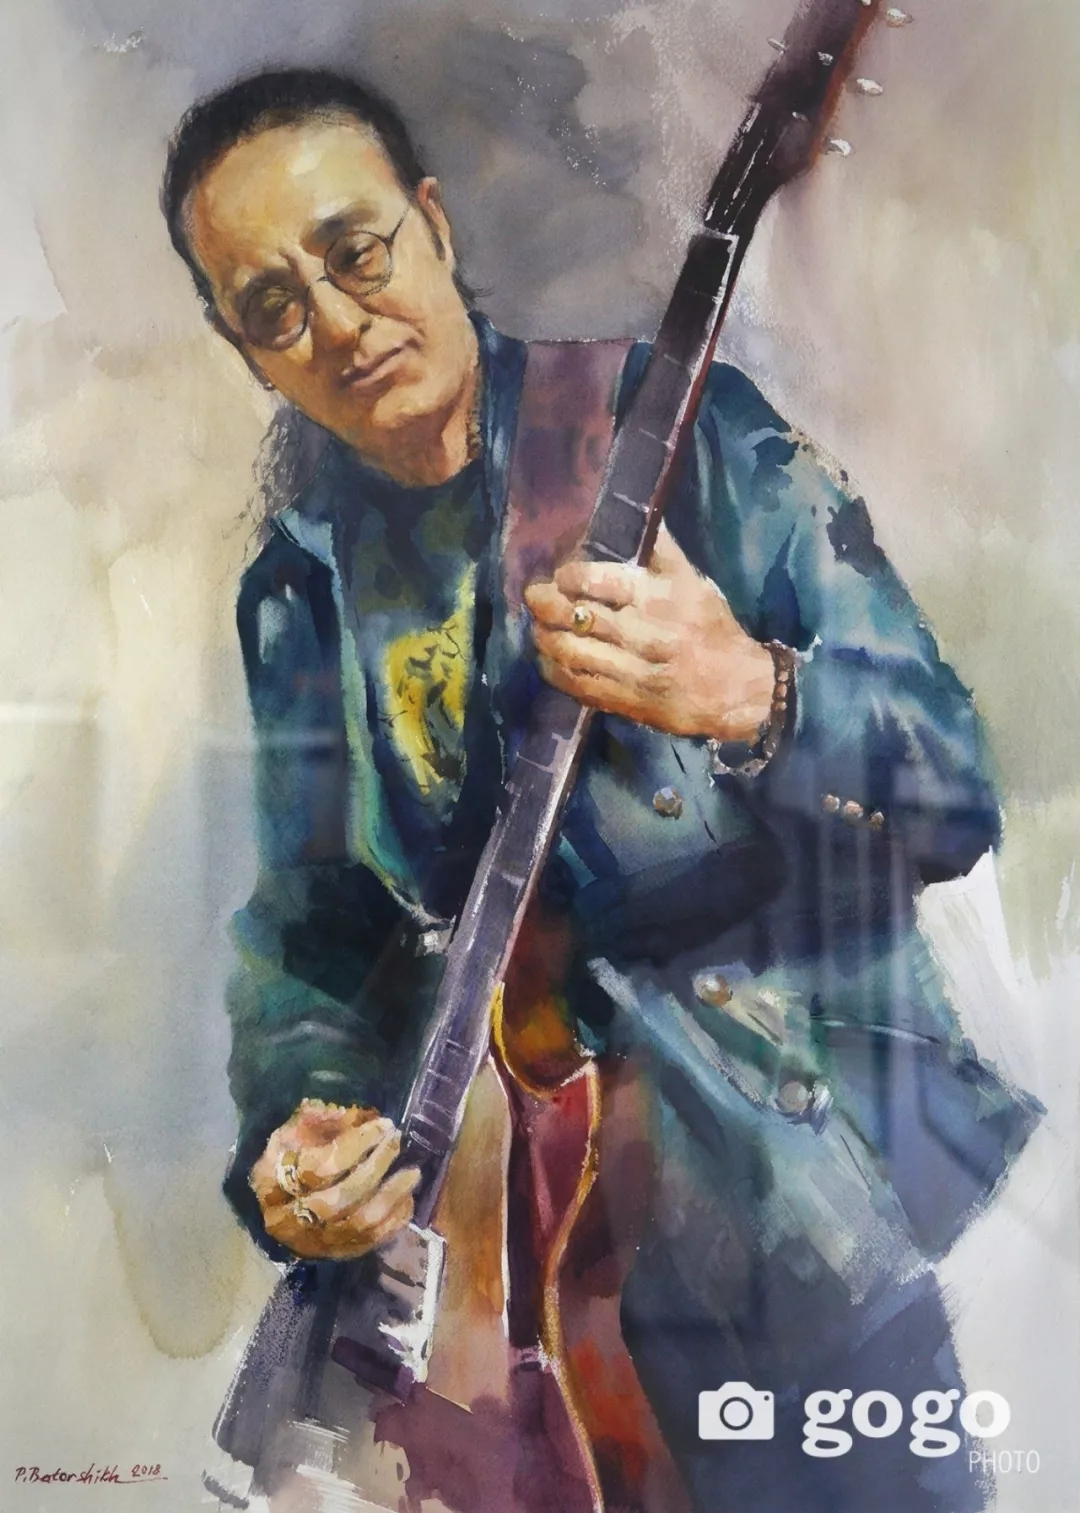 传奇摇滚乐队、流行歌手、艺术家肖像画展在蒙古国开幕20180531_081545_003.jpg